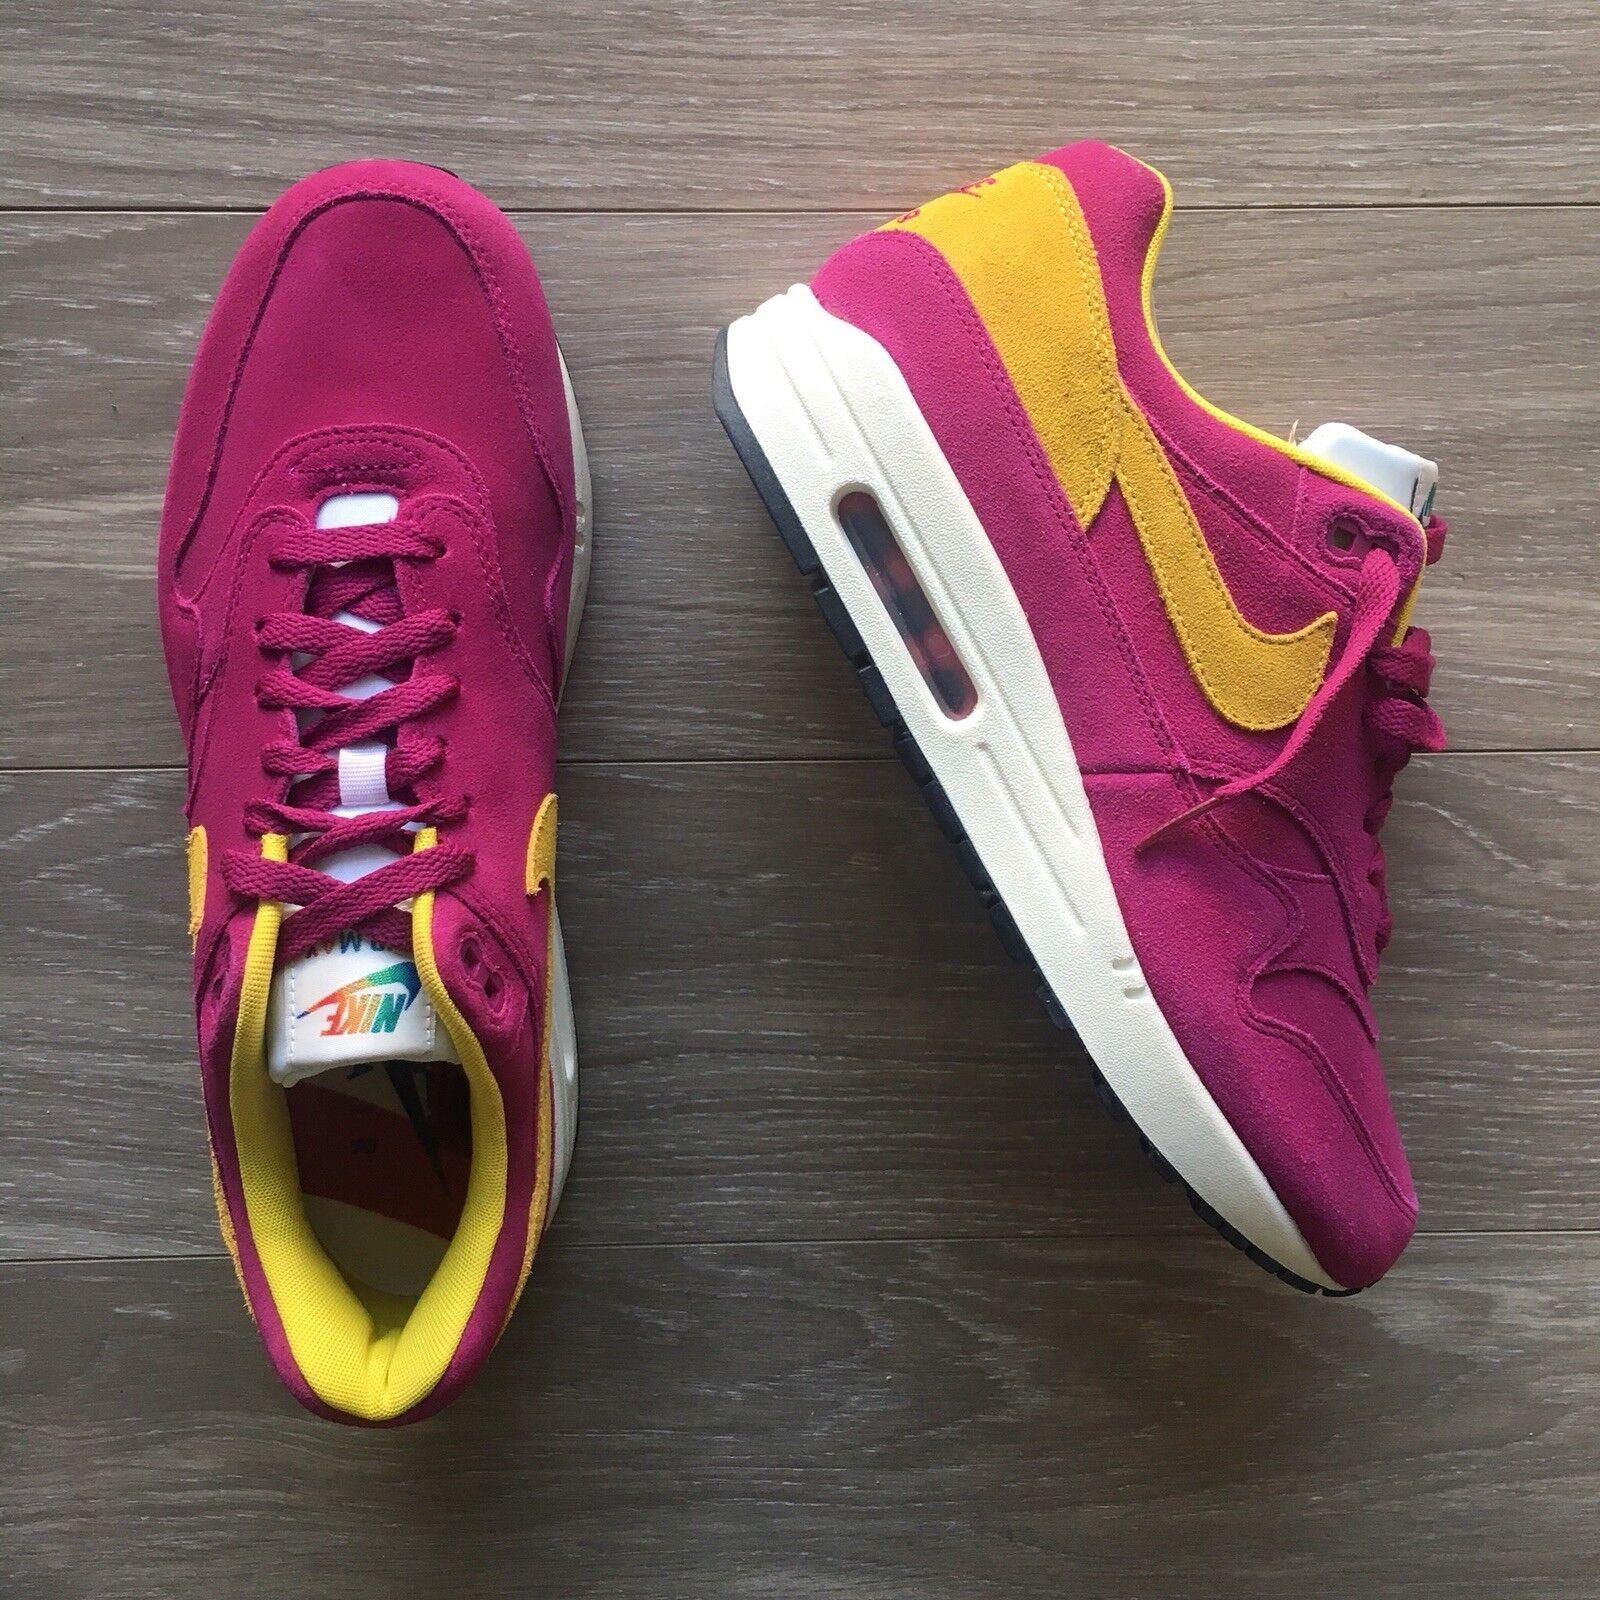 Nike air berry max 1 ridotta dinamica berry air vivida sulfar anniversario 875844 500 volume 13 8eb0b3